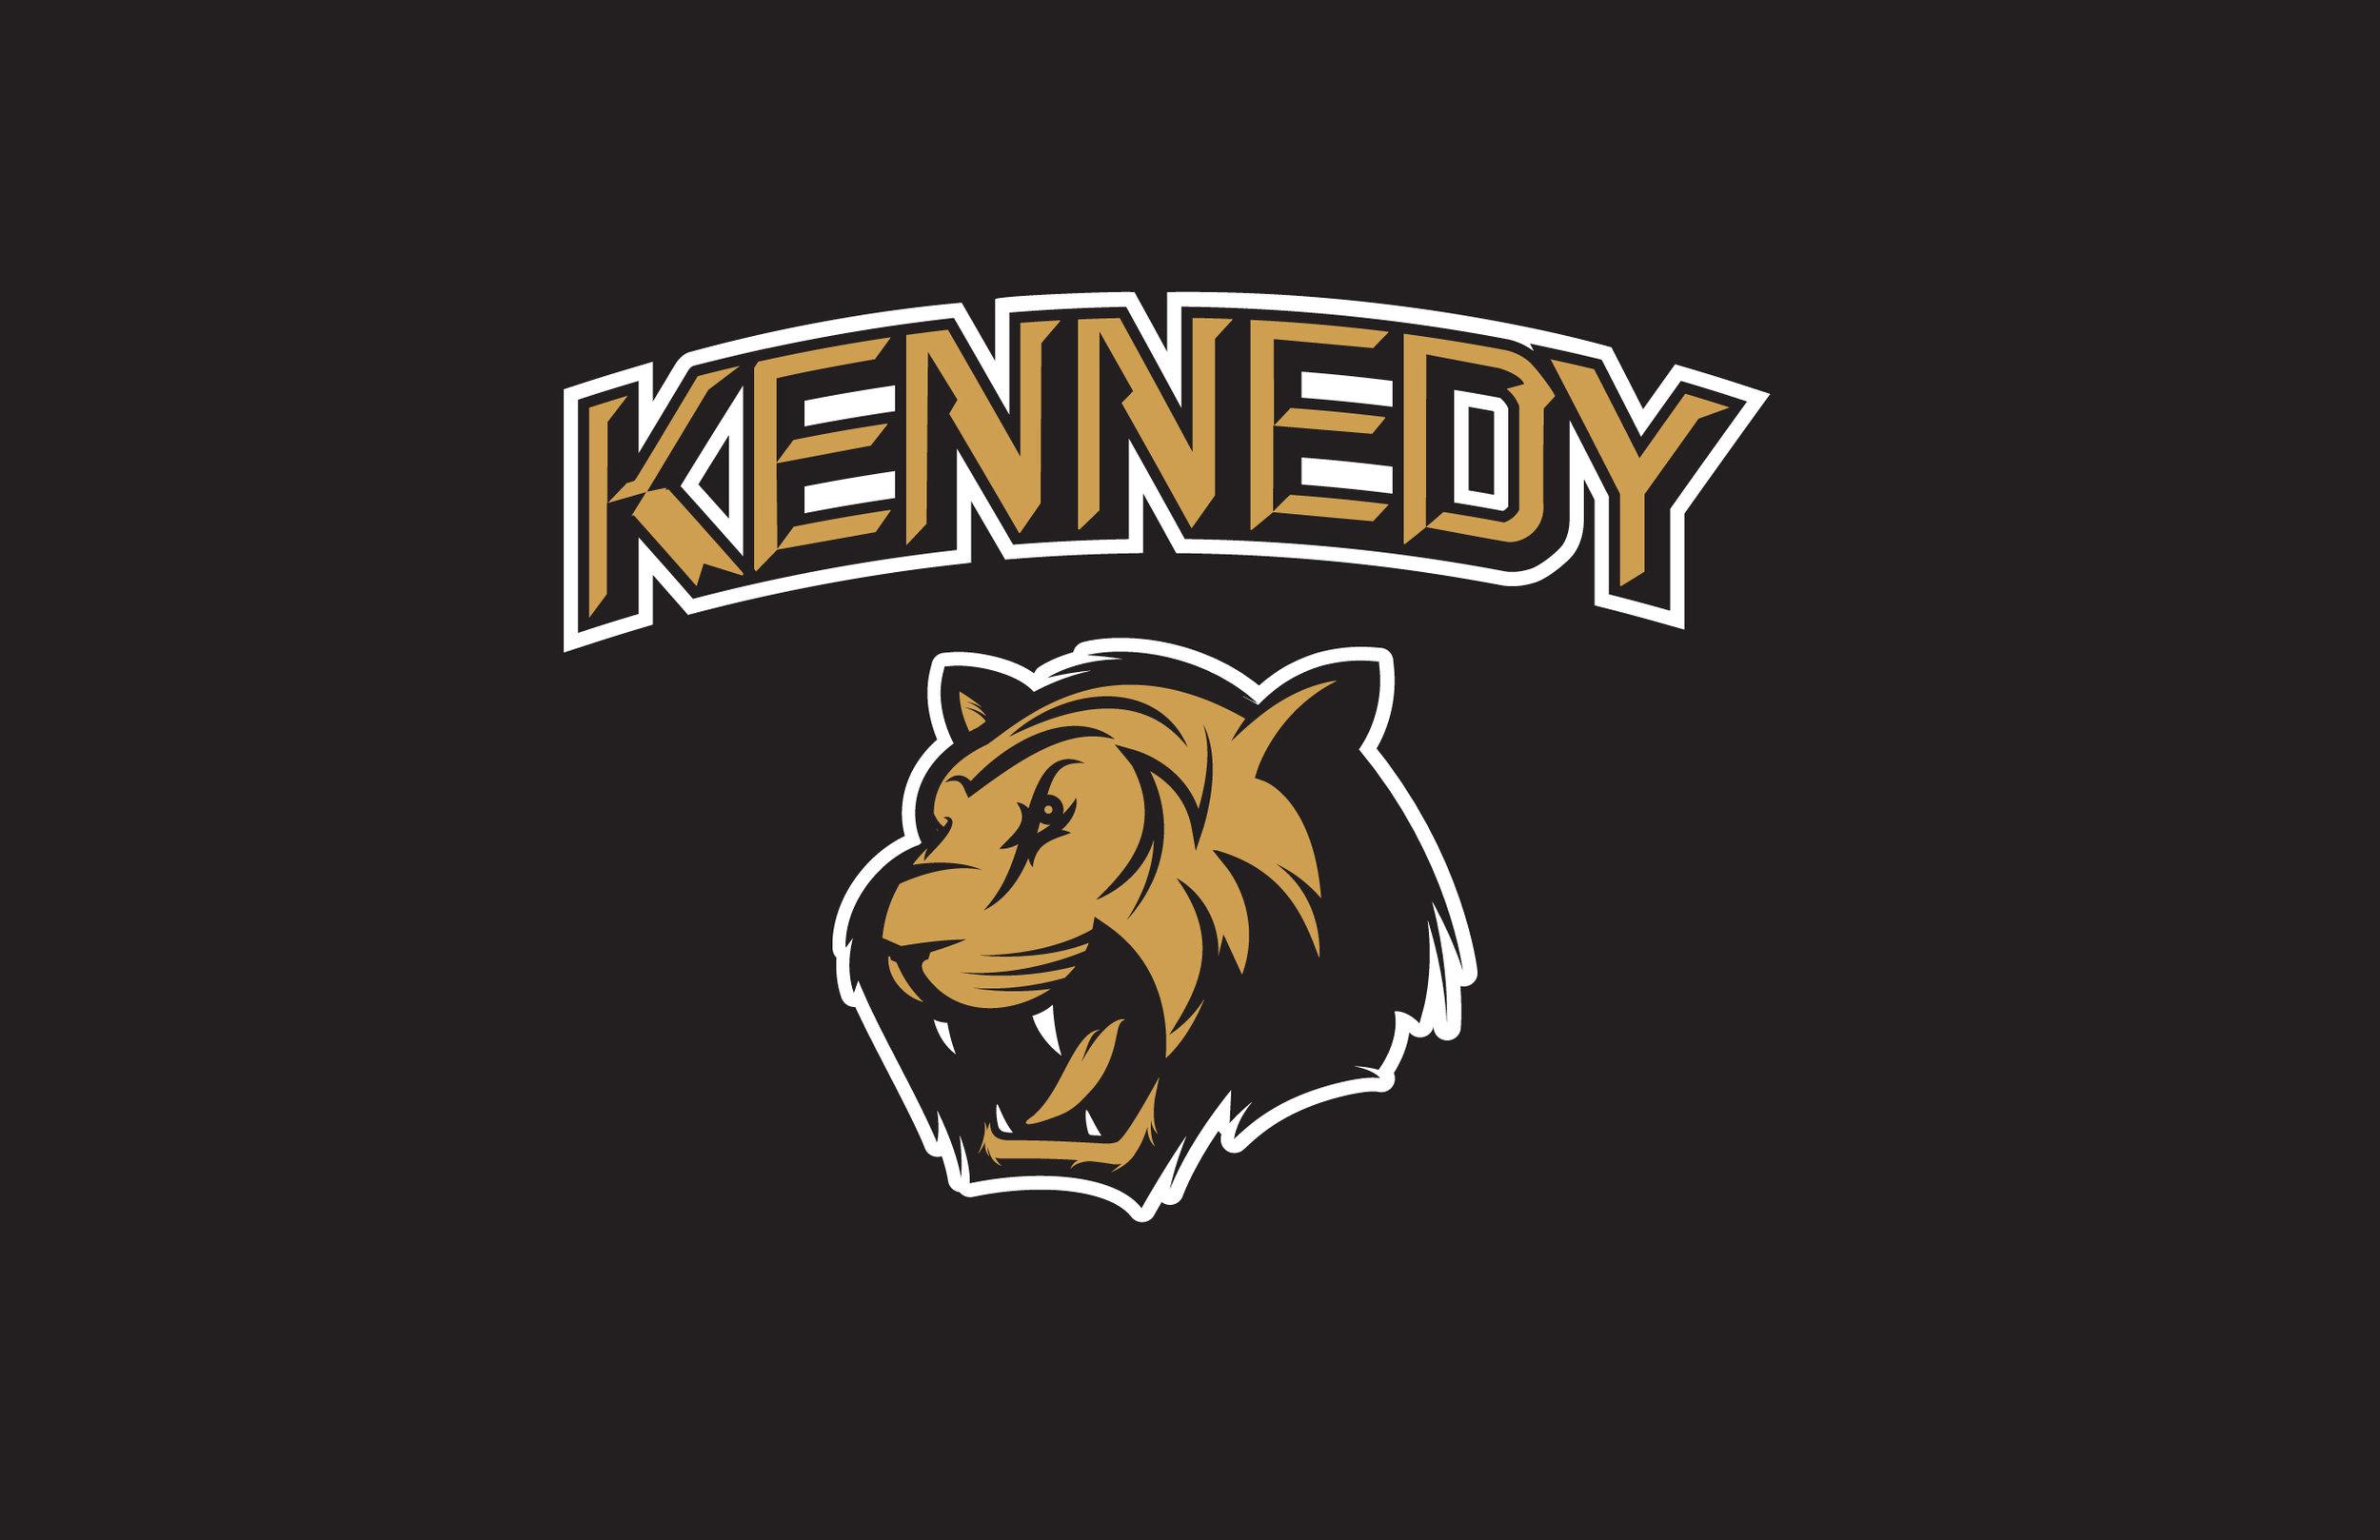 161114-KENNEDY-full_logo_stack-2.jpg